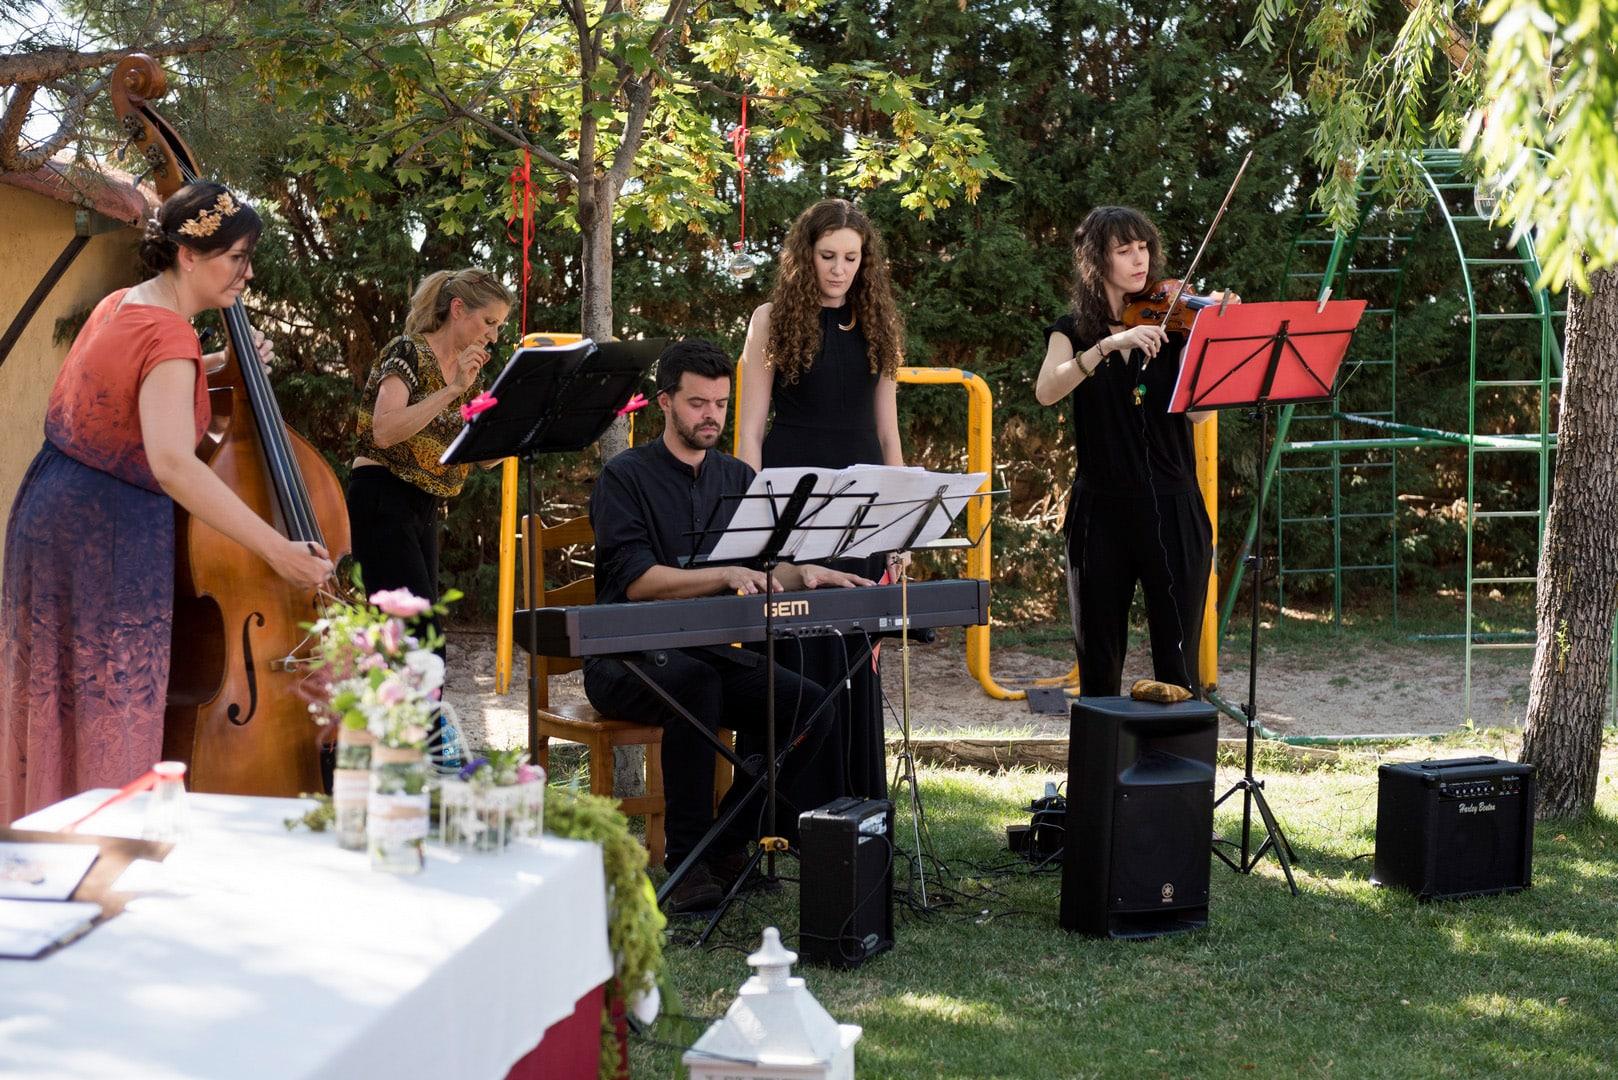 seleggio ZAZU-boda-divertida-en-rojo-Segovia UNA BODA DIVERTIDA EN SEGOVIA